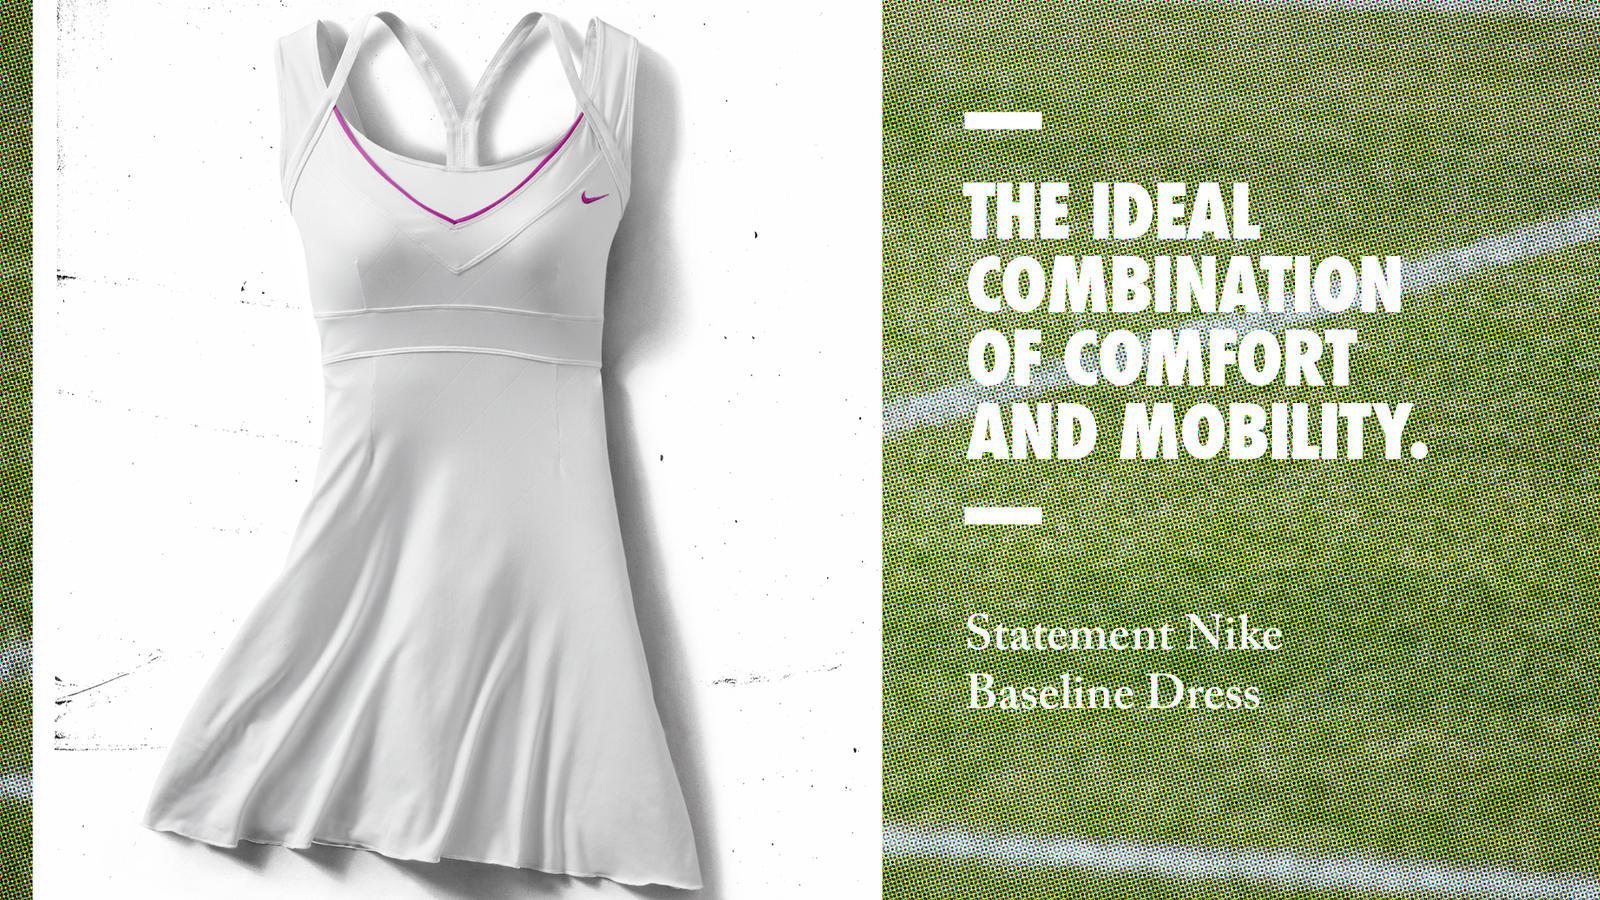 SU12_TN_Wimbledon_DigitalLookbook_FINAL_Text21